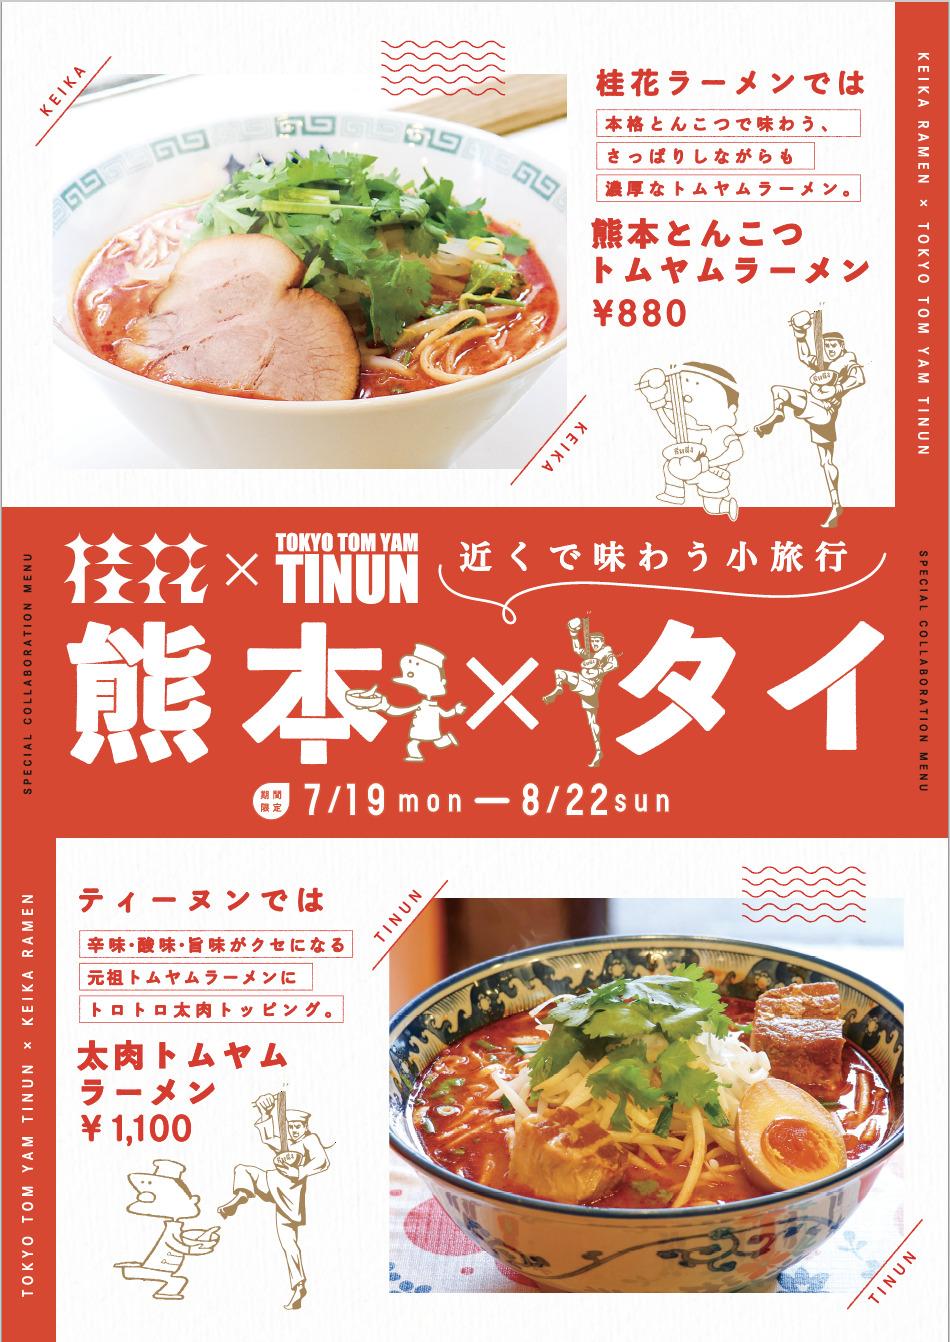 かつてタイにも出店していた桂花、「熊本とんこつトムヤムラーメン」発売